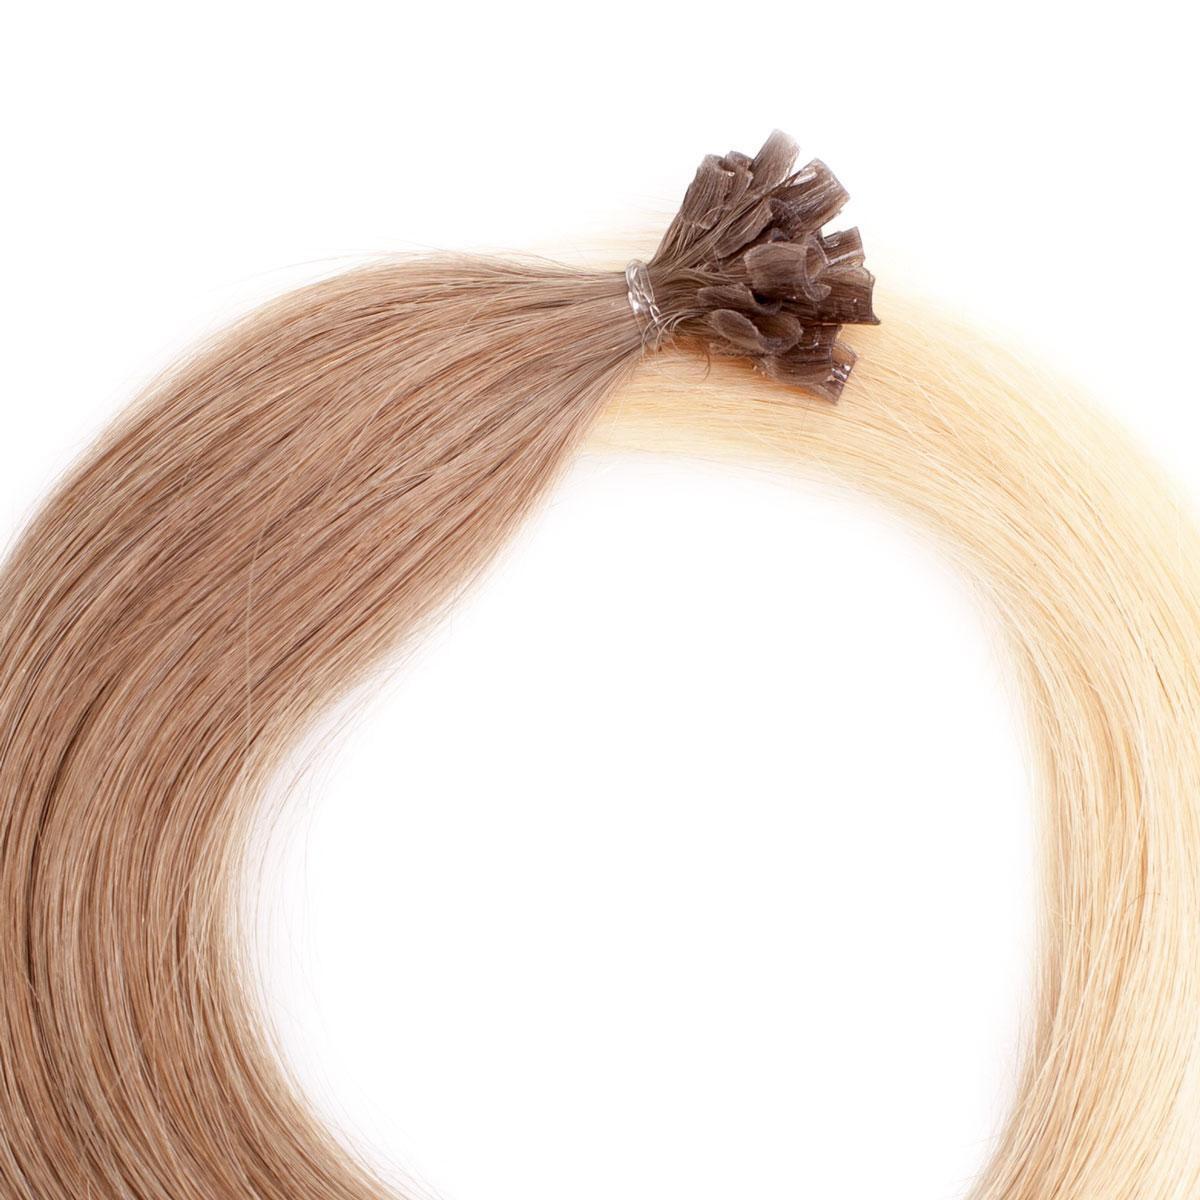 Bondings Premium Glatt O7.3/10.8 Cendre Ash Blond Ombre 60 cm